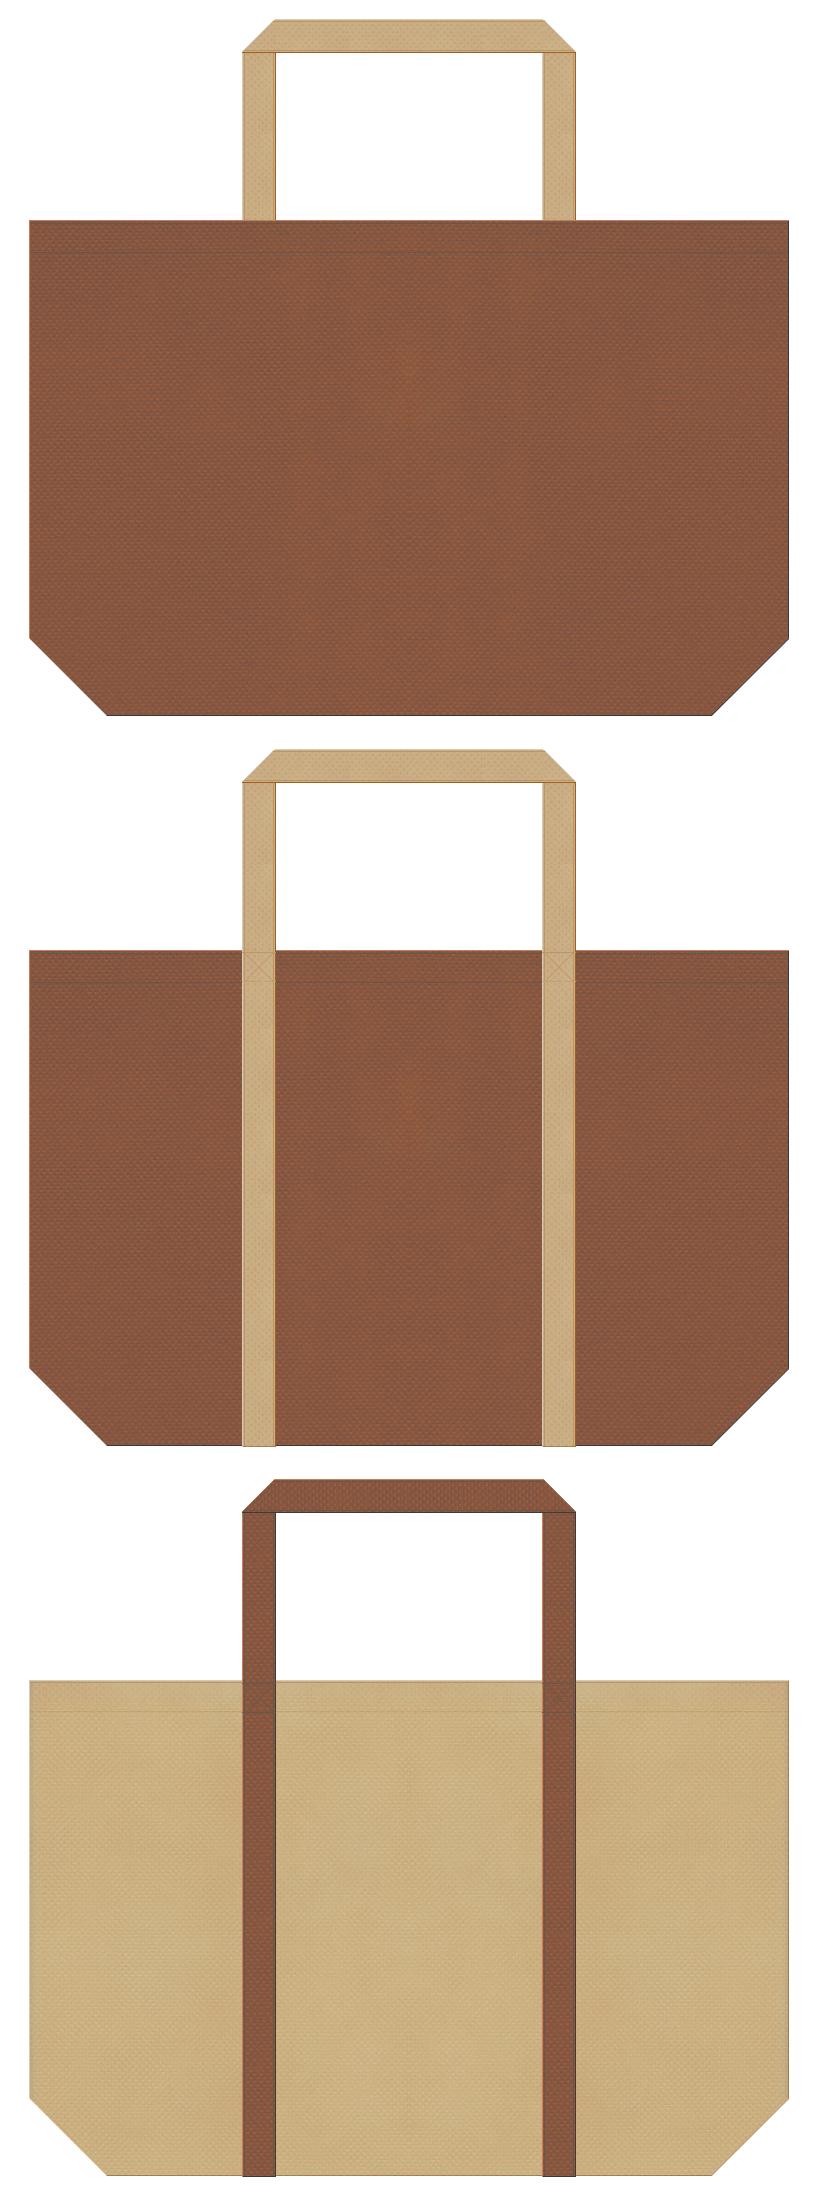 茶色とカーキ色の不織布バッグデザイン。ベーカリーショップのショッピングバッグにお奨めです。パンドカンパーニュ風。